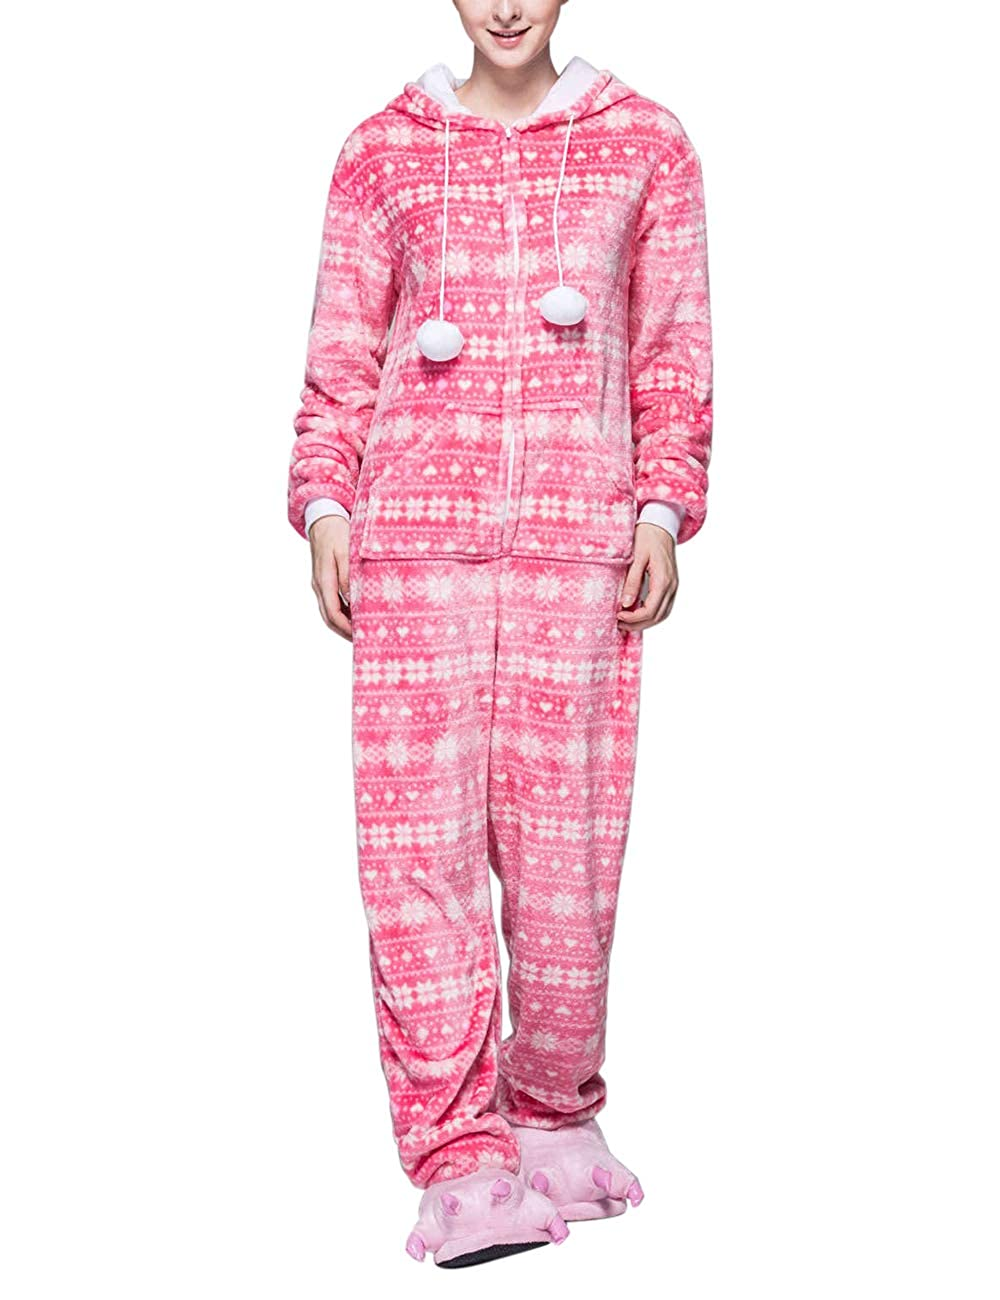 TALLA XL. Zhhlaixing Una Pieza Casual Manga Larga Familia Navidad Pijama para Adultos - Ropa de Dormir Monos Invierno Mujer